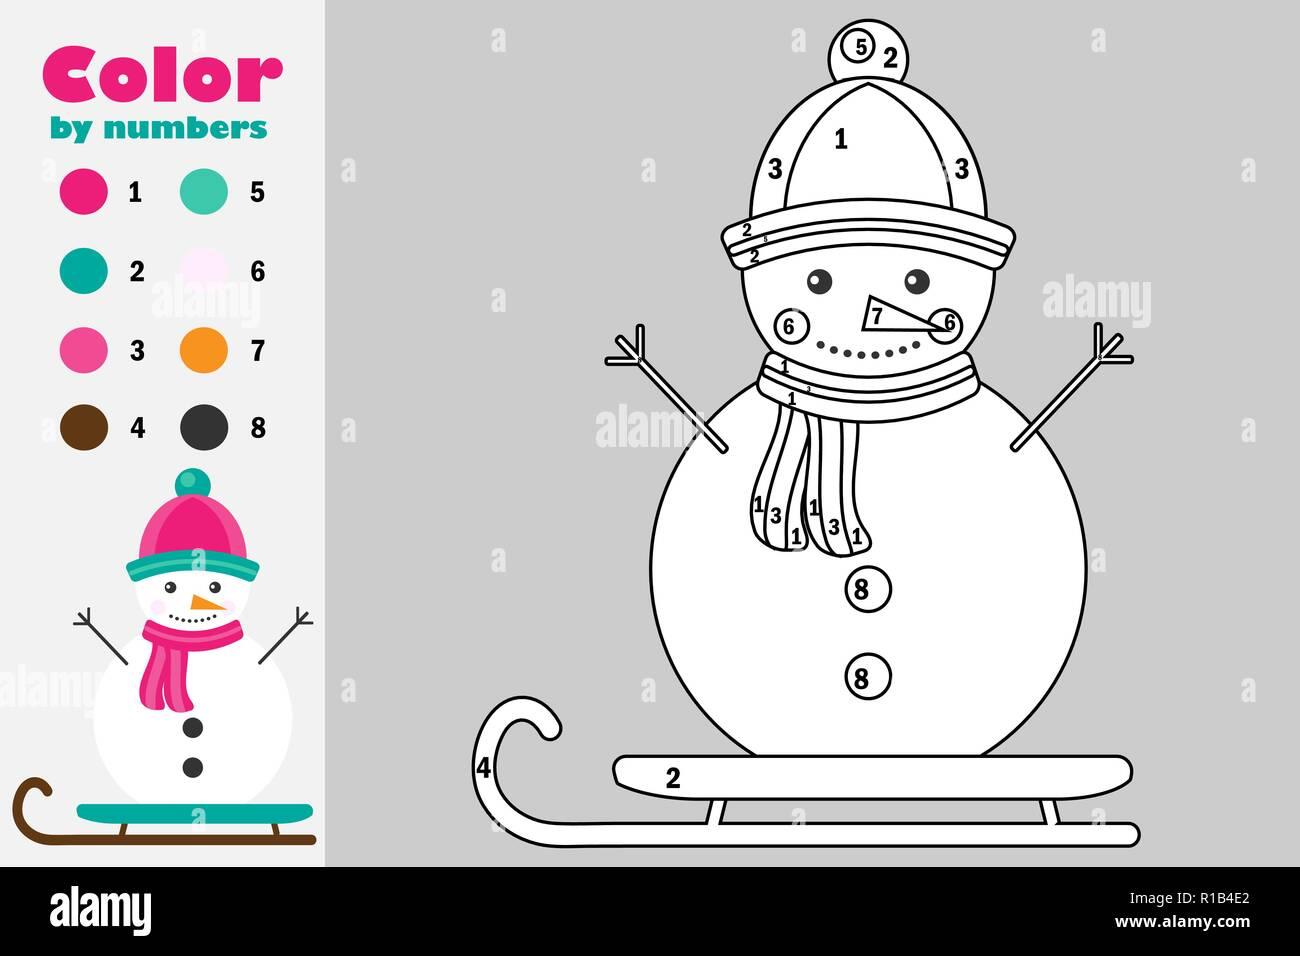 Muñeco De Nieve En El Estilo De Dibujos Animados Color Por Número